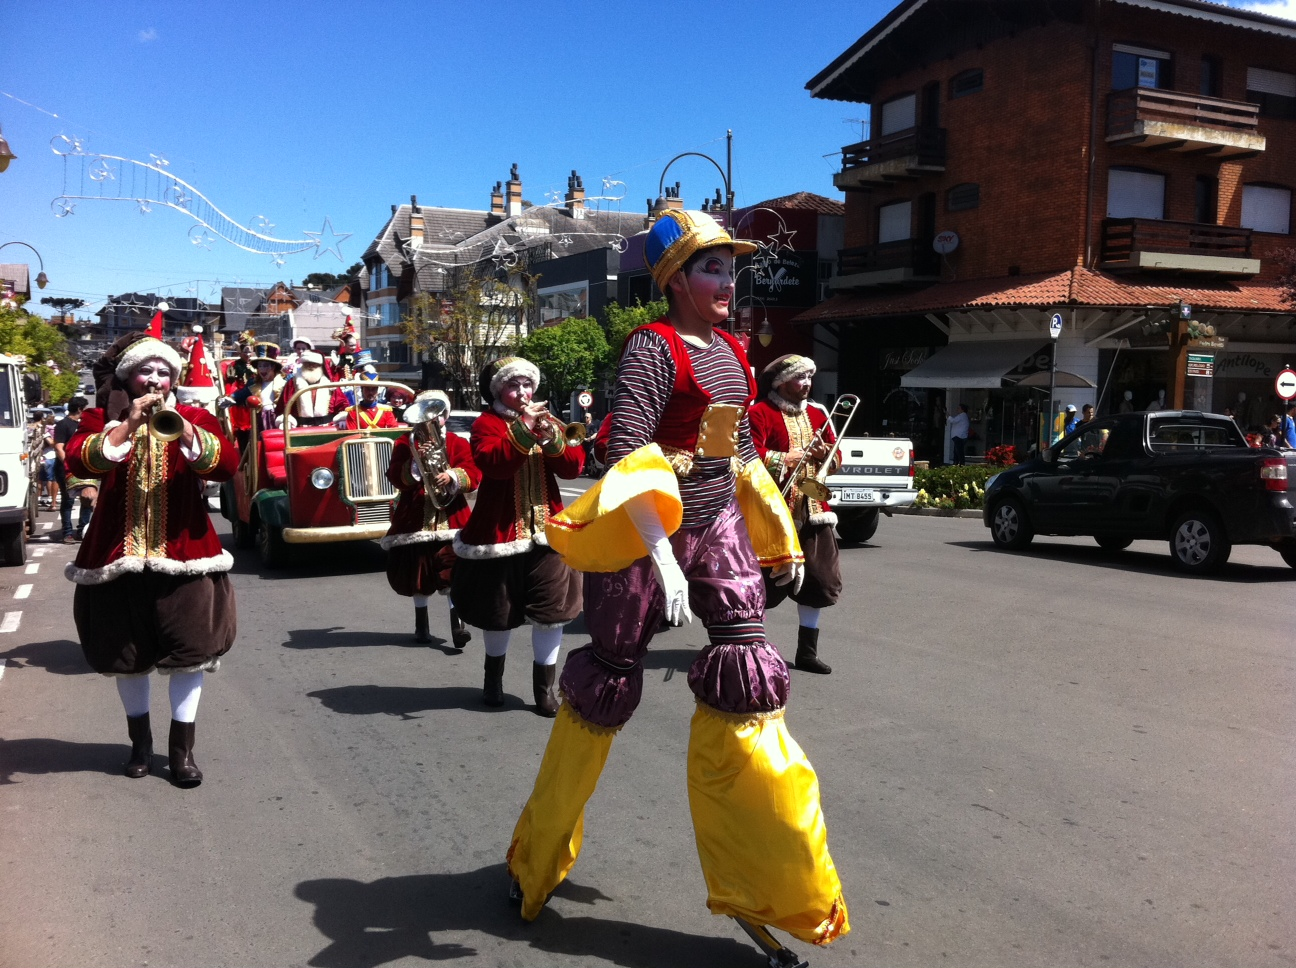 Parada de Natal tem Papai Noel e 'duendes músicos' em Gramado